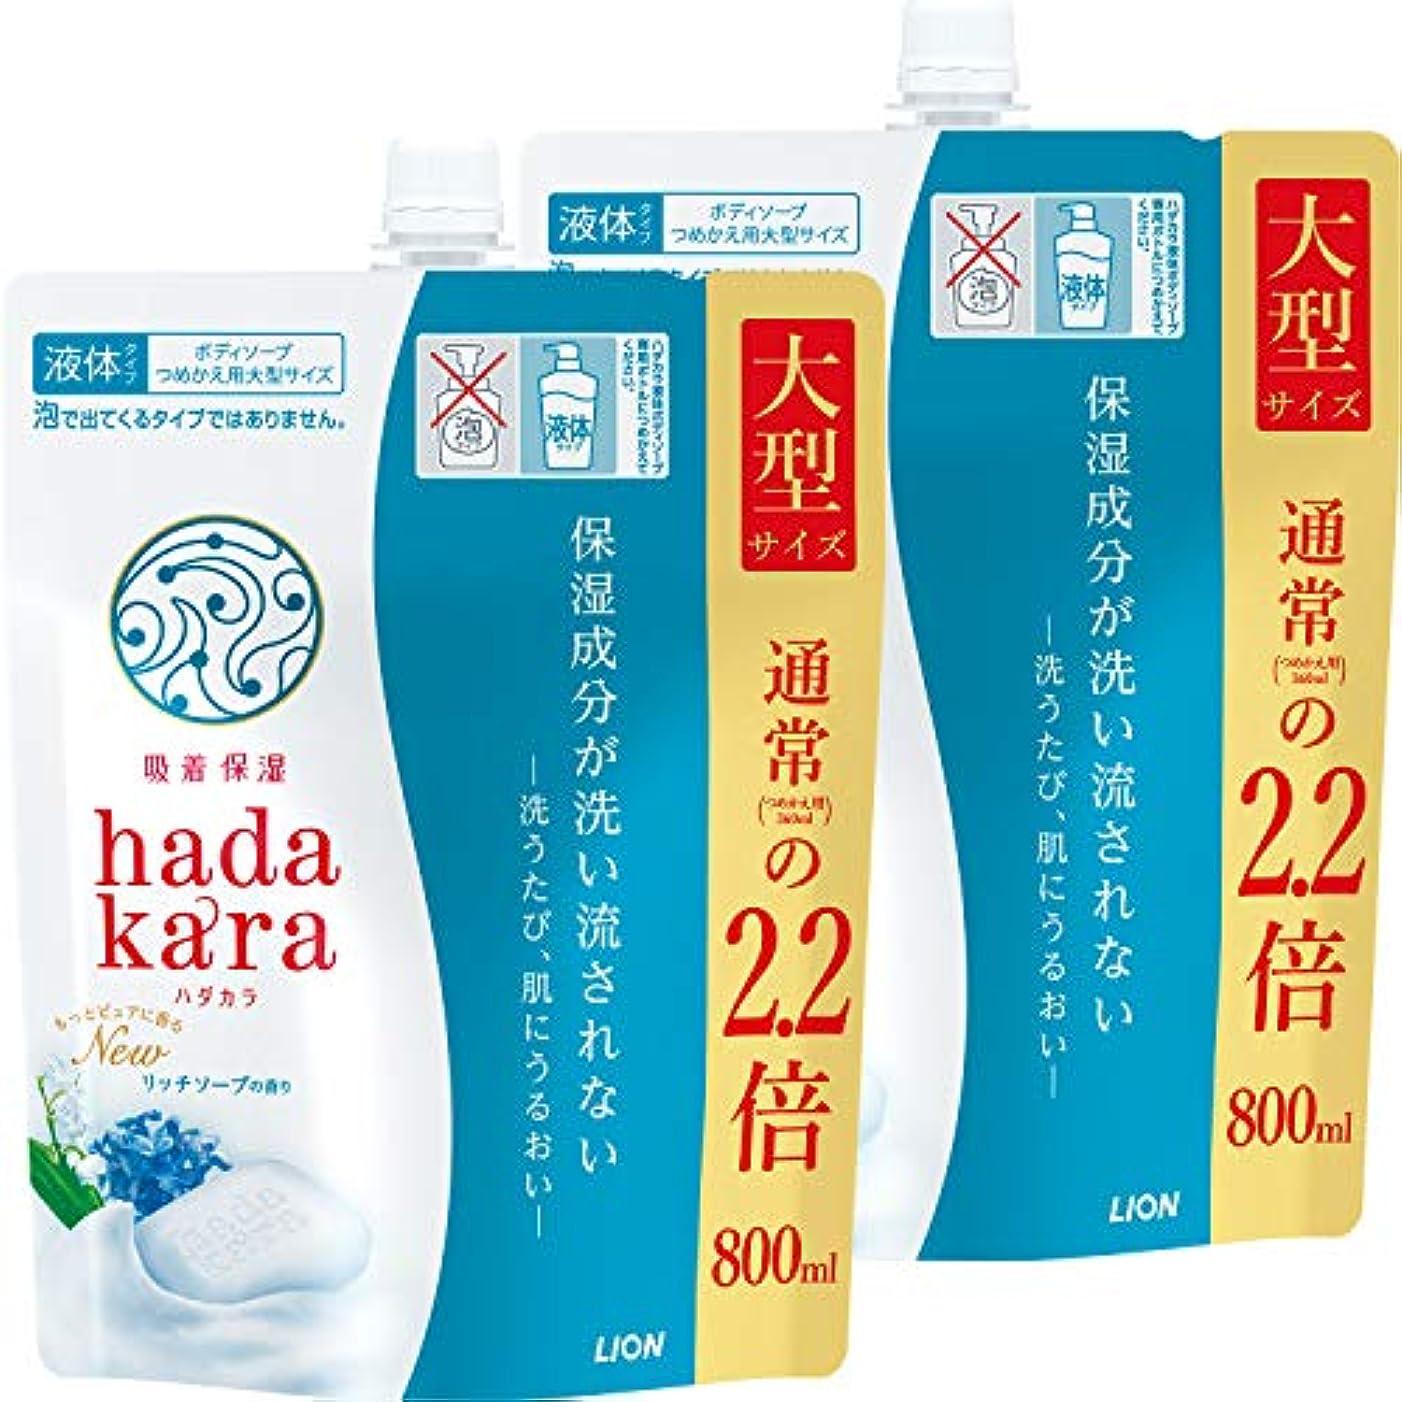 歯科医逆に更新するhadakara(ハダカラ) ボディソープ リッチソープの香り つめかえ用大型サイズ 800ml×2個